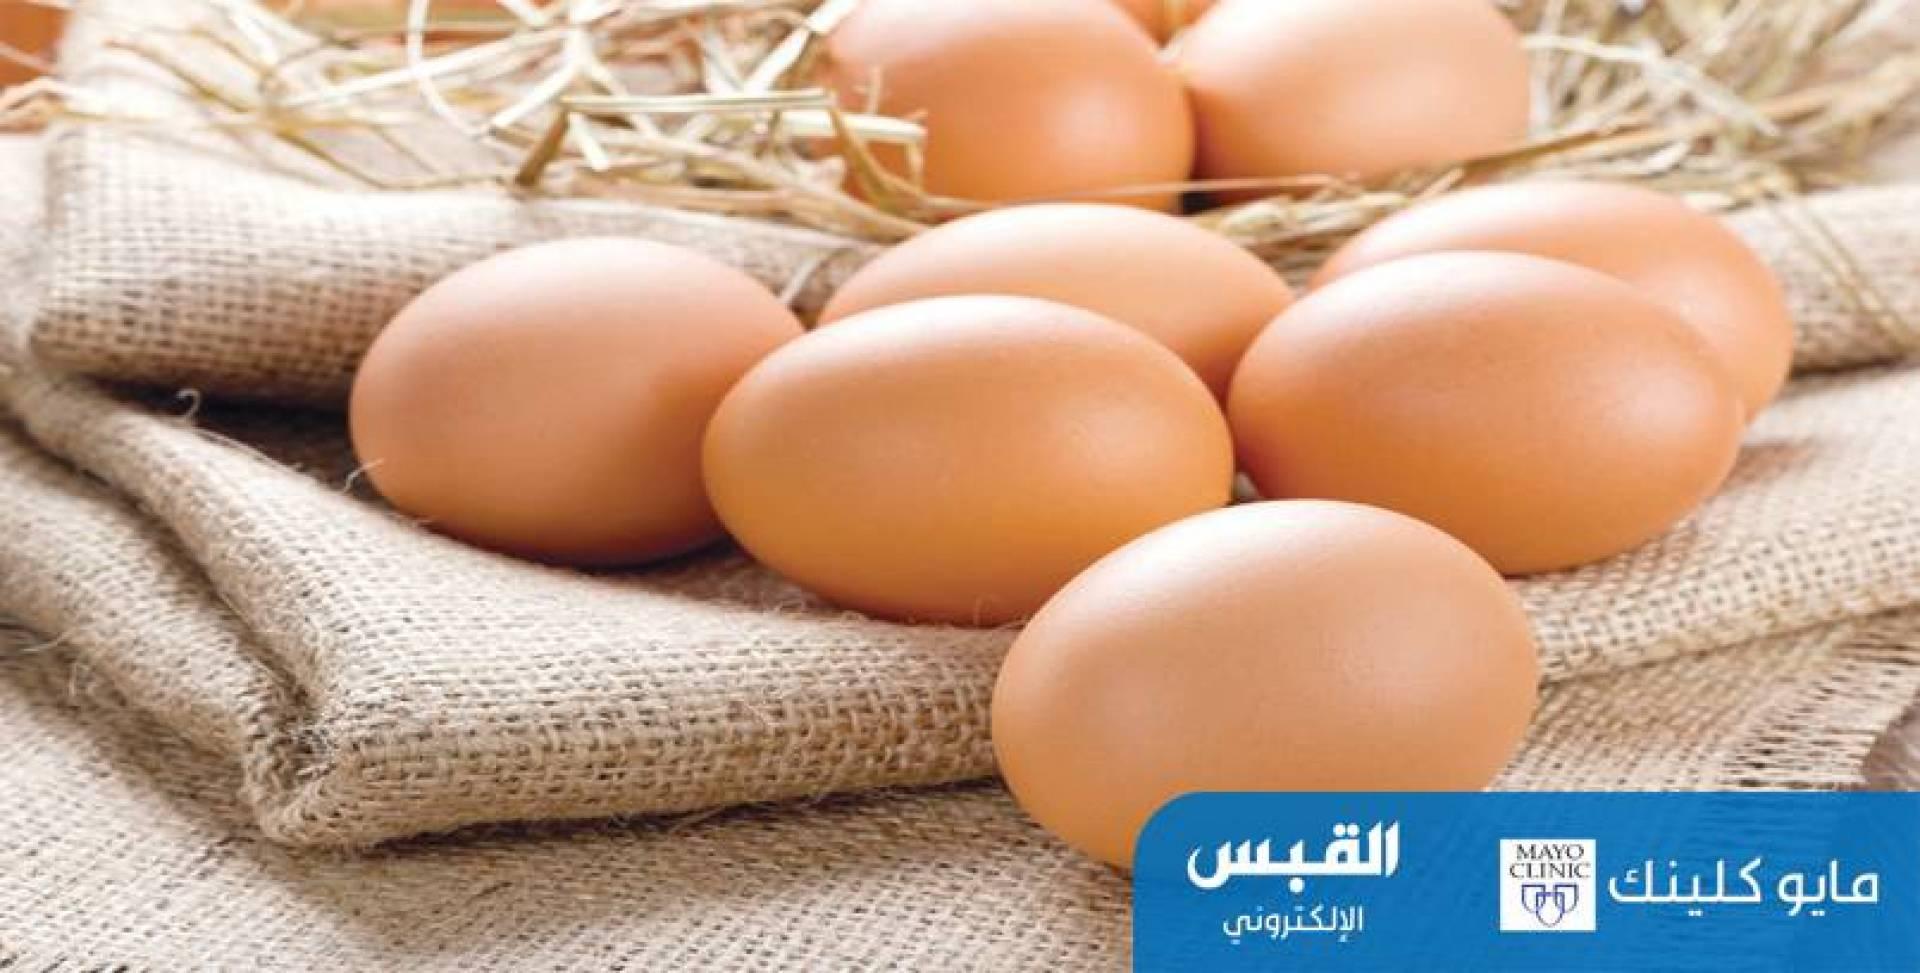 هل البيض مضر في حال ارتفاع الكوليسترول؟